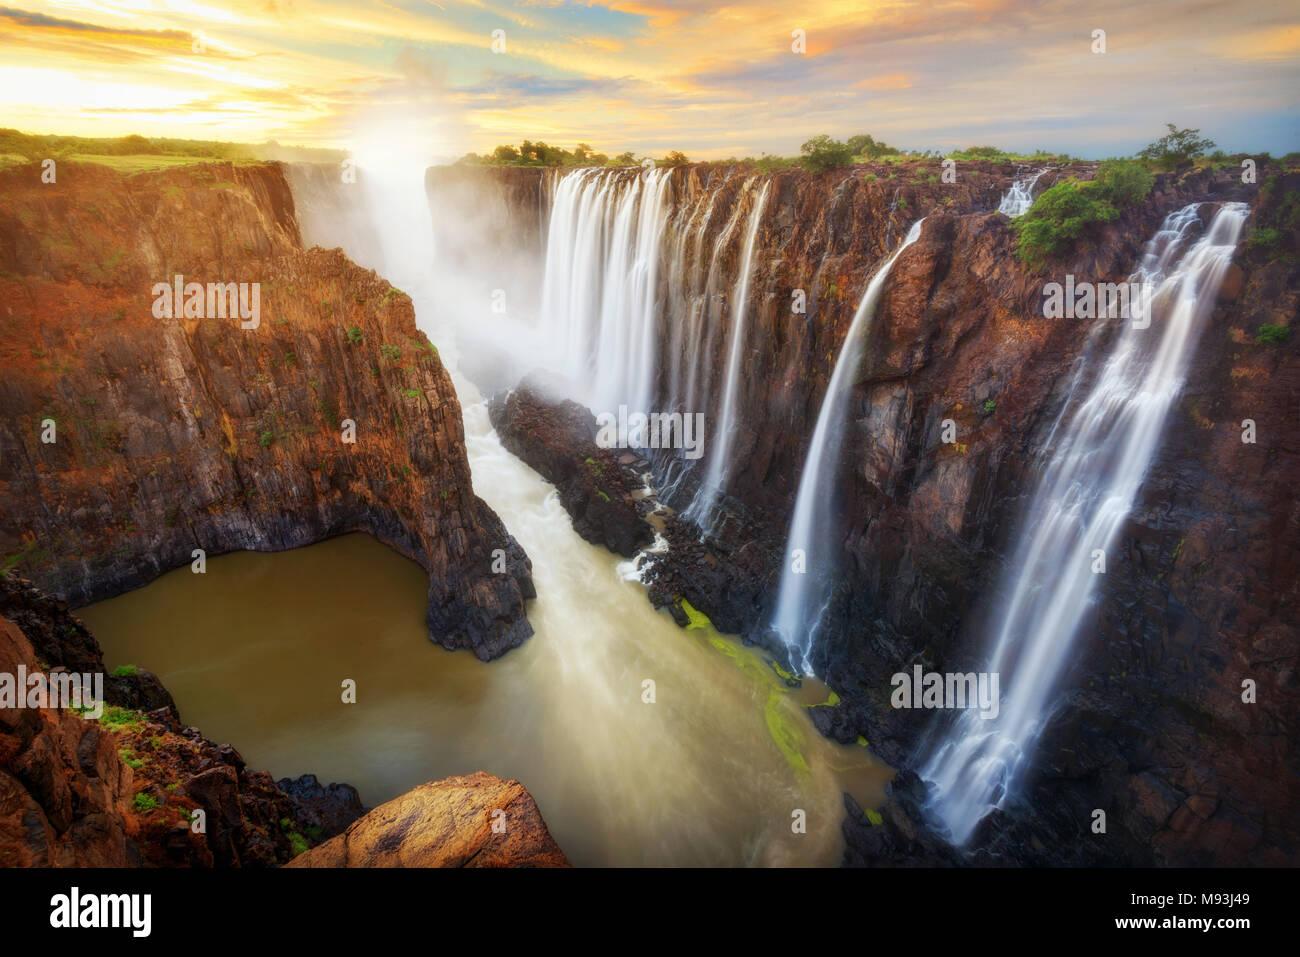 Las cataratas Victoria en Zambia y Zimbabwe adoptadas en 2015 Imagen De Stock